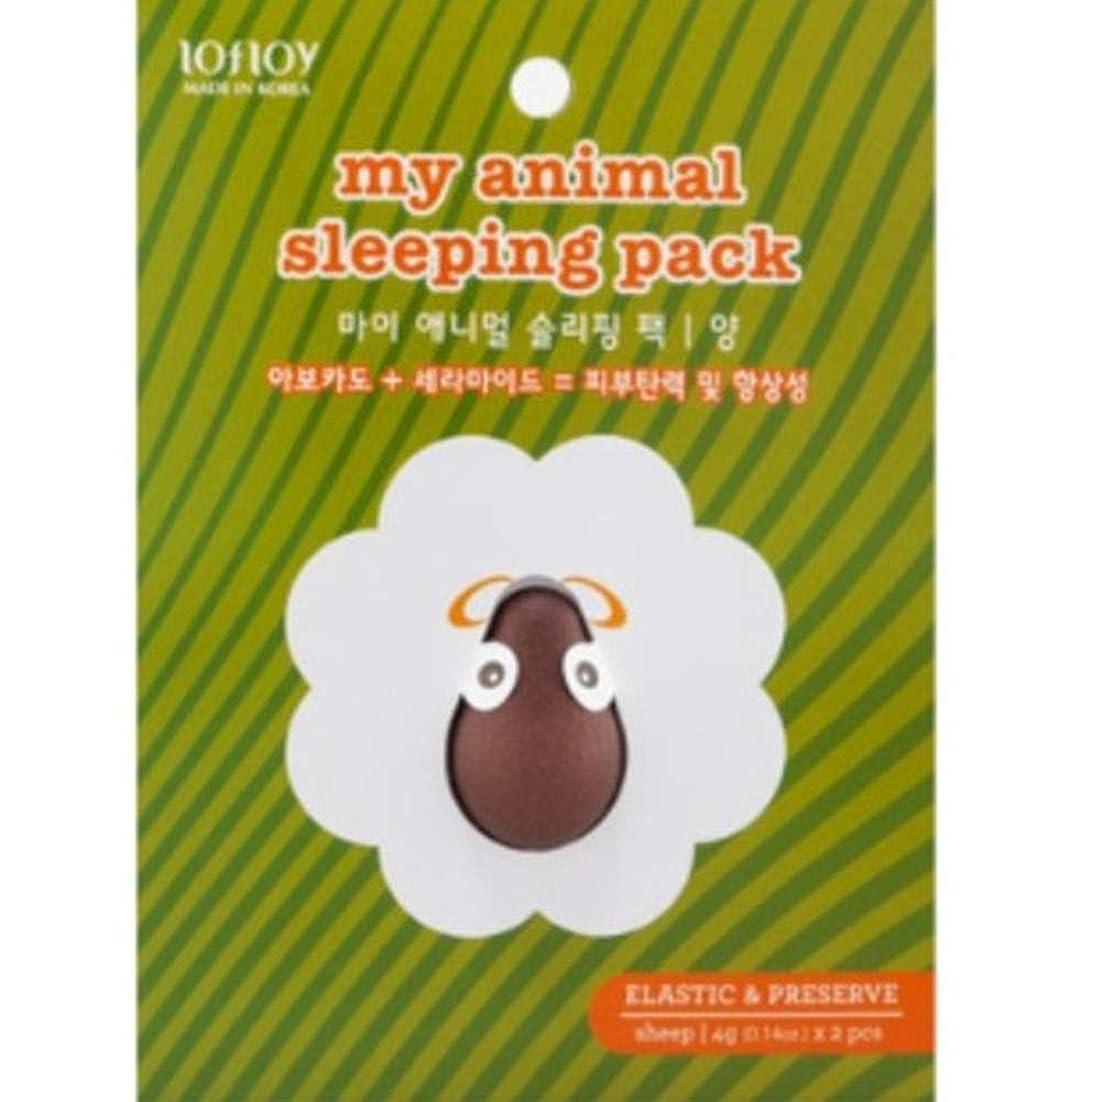 研磨全くジュニアLOFLOY My Animal Sleeping Pack Sheep CH1379393 4g x 2PCS [並行輸入品]